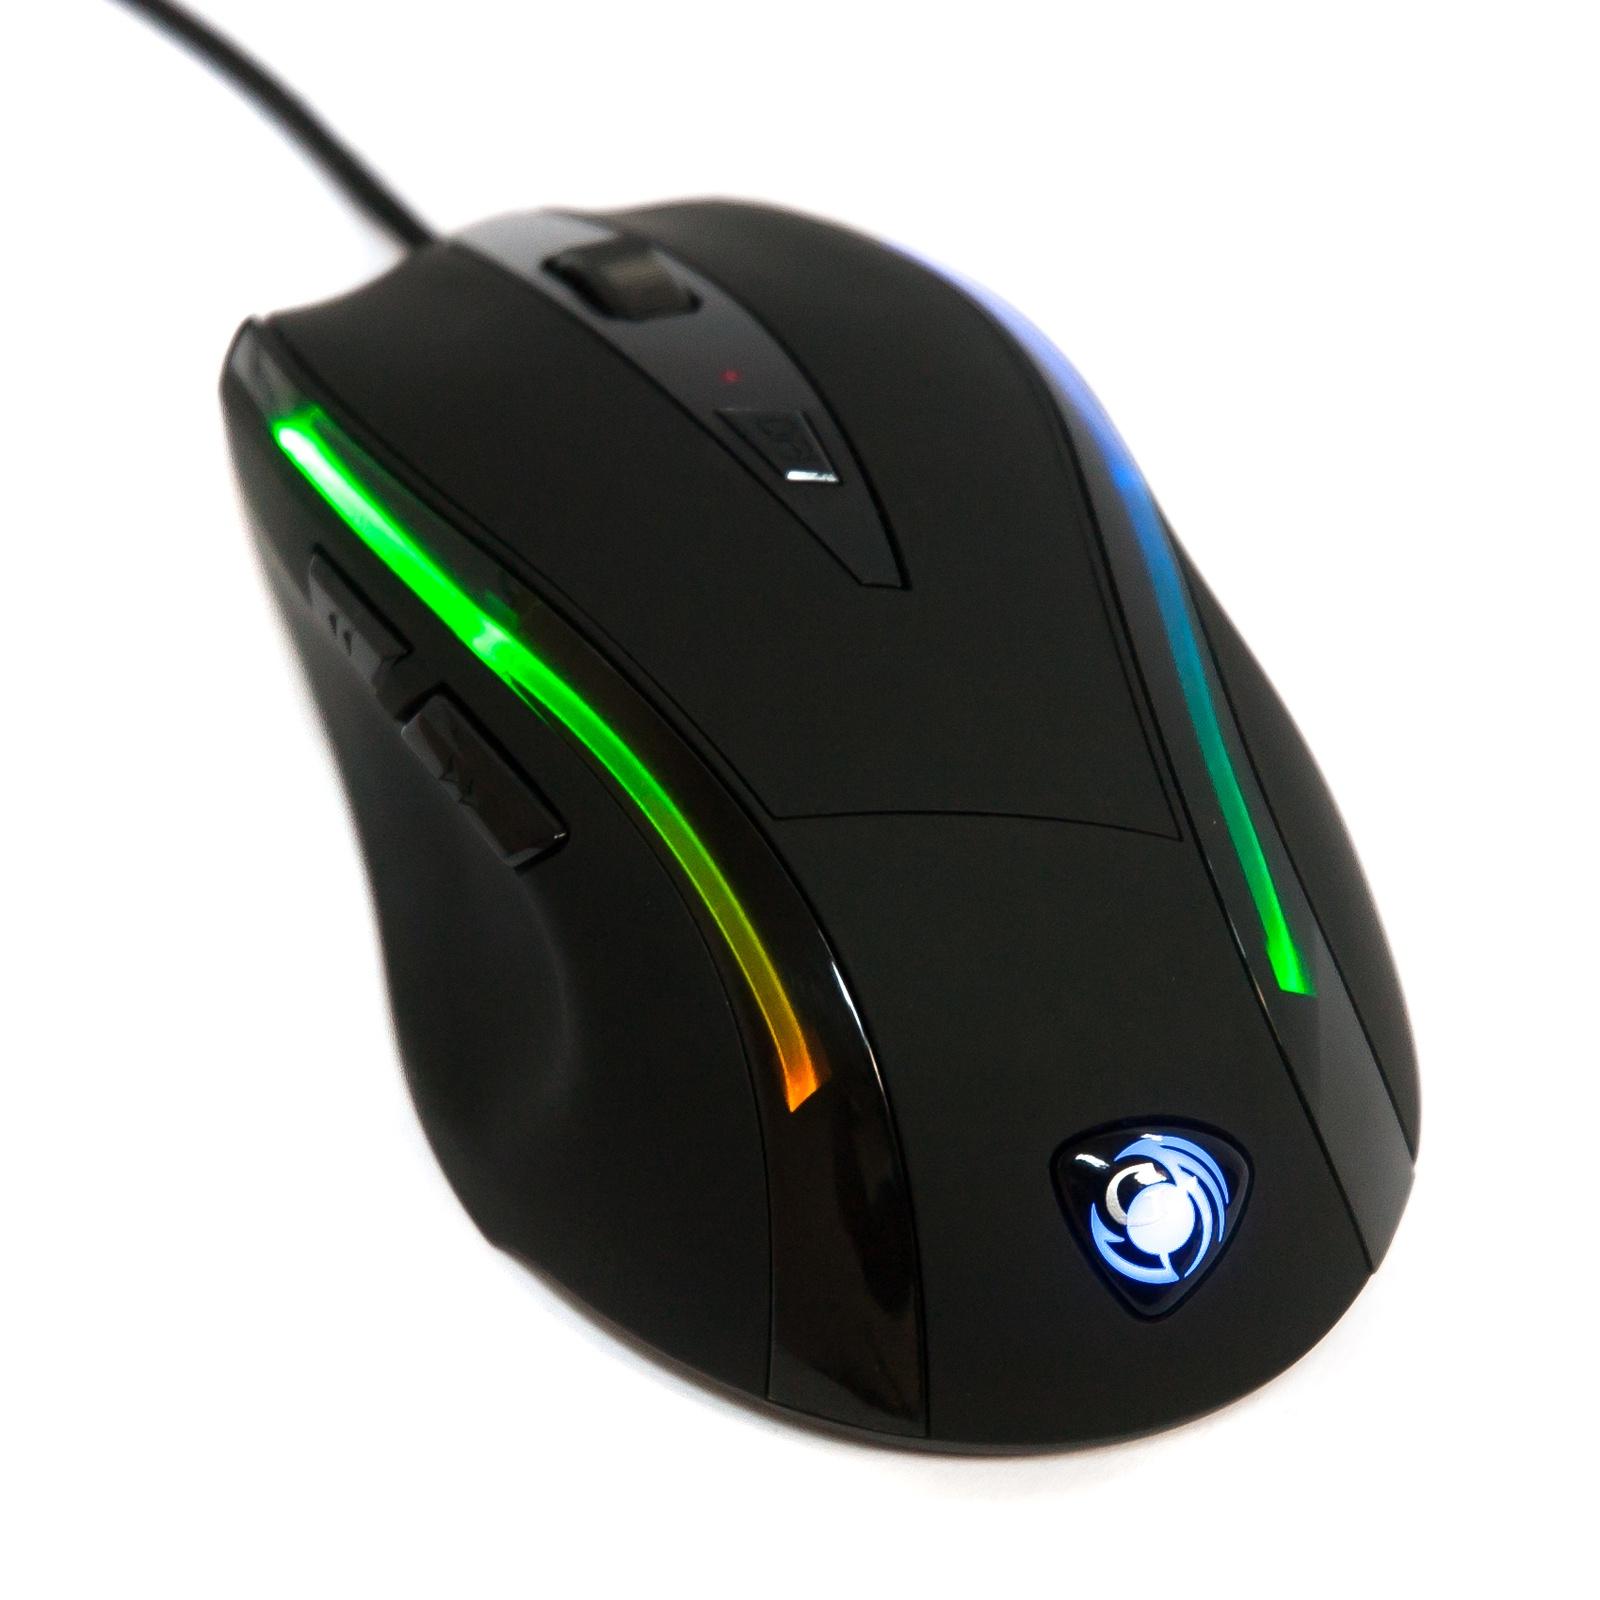 лучшая цена Игровая мышь DIALOG Gan-Kata MGK-45U, черная